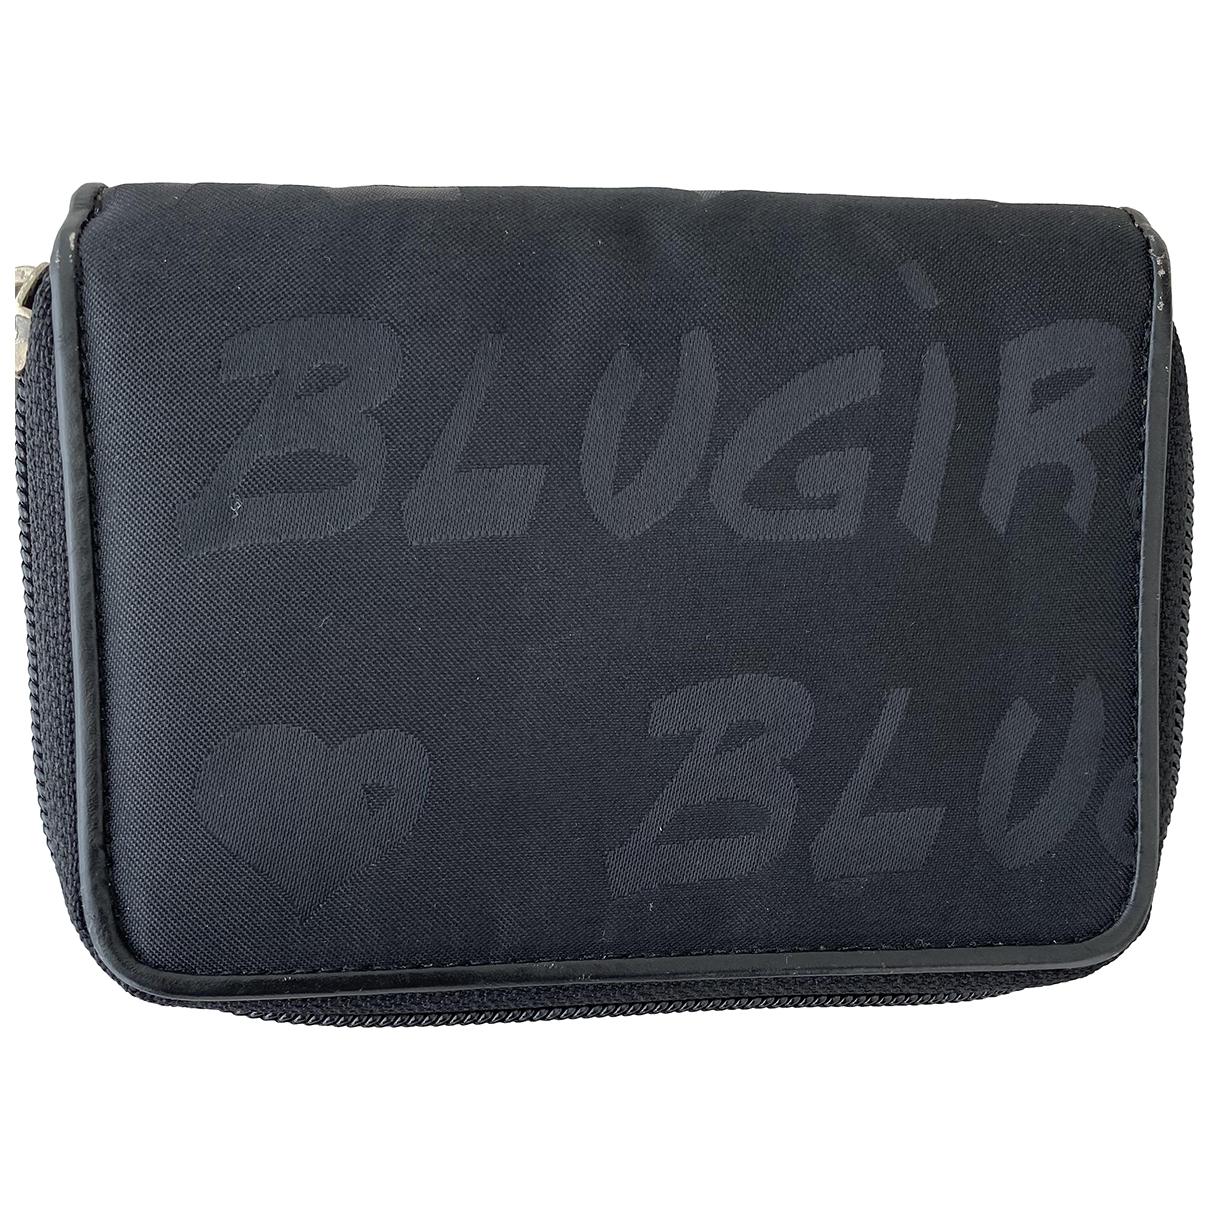 Blumarine - Portefeuille   pour femme en toile - noir